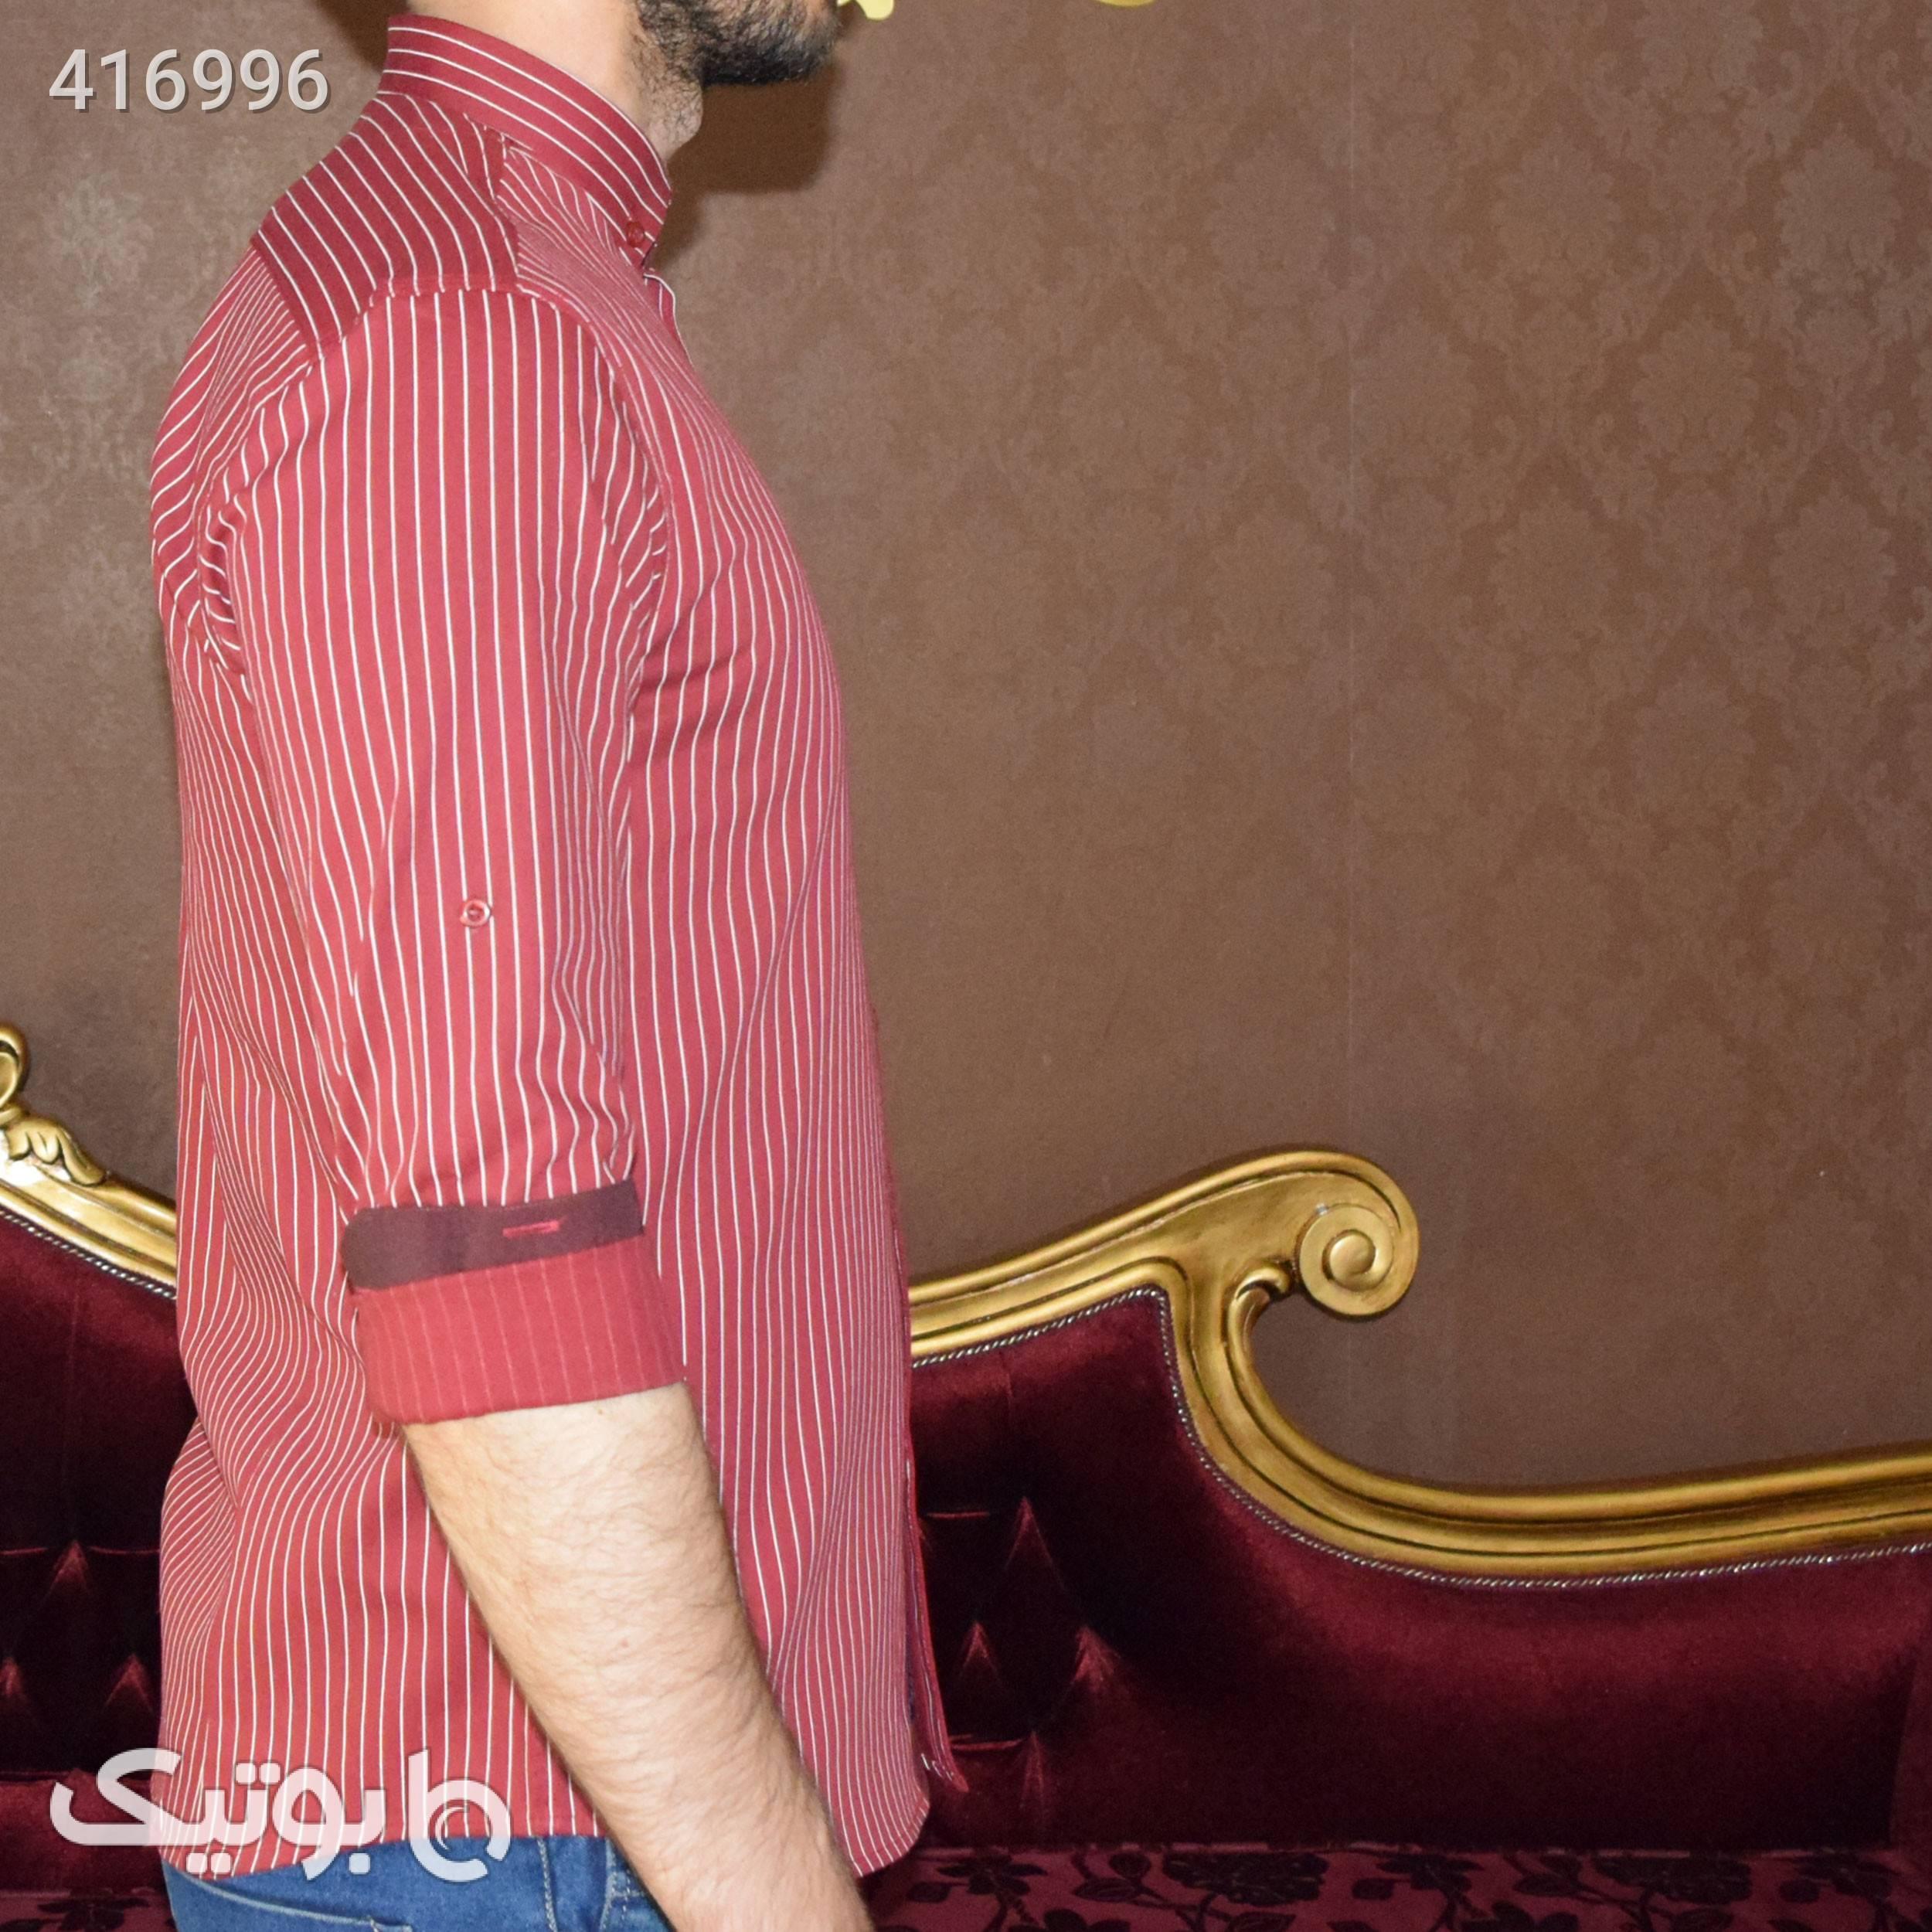 پیراهن مردانه اسپرت کد  1919970 قرمز پيراهن مردانه